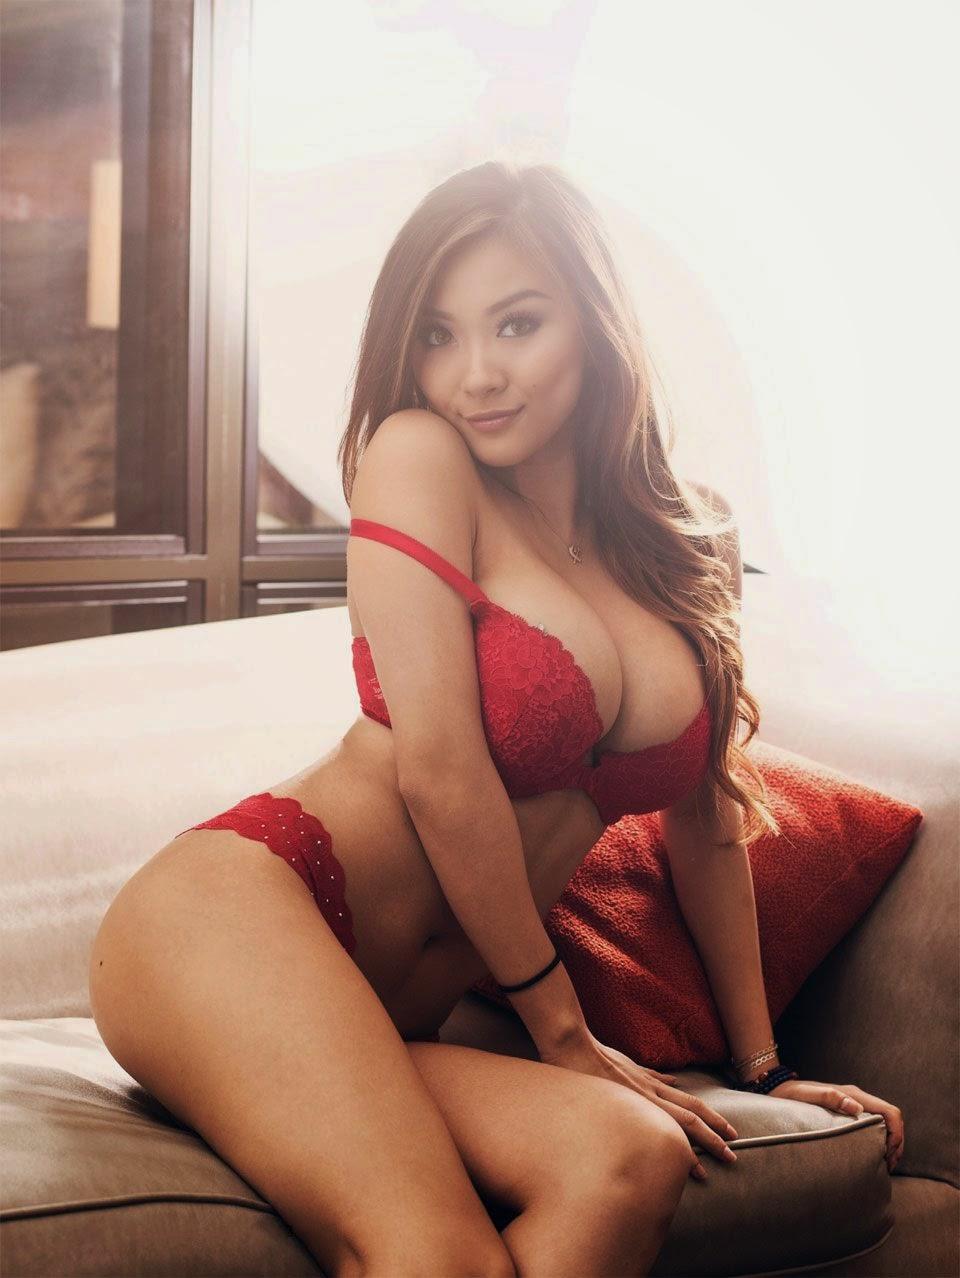 hot asian girls nude photos 05